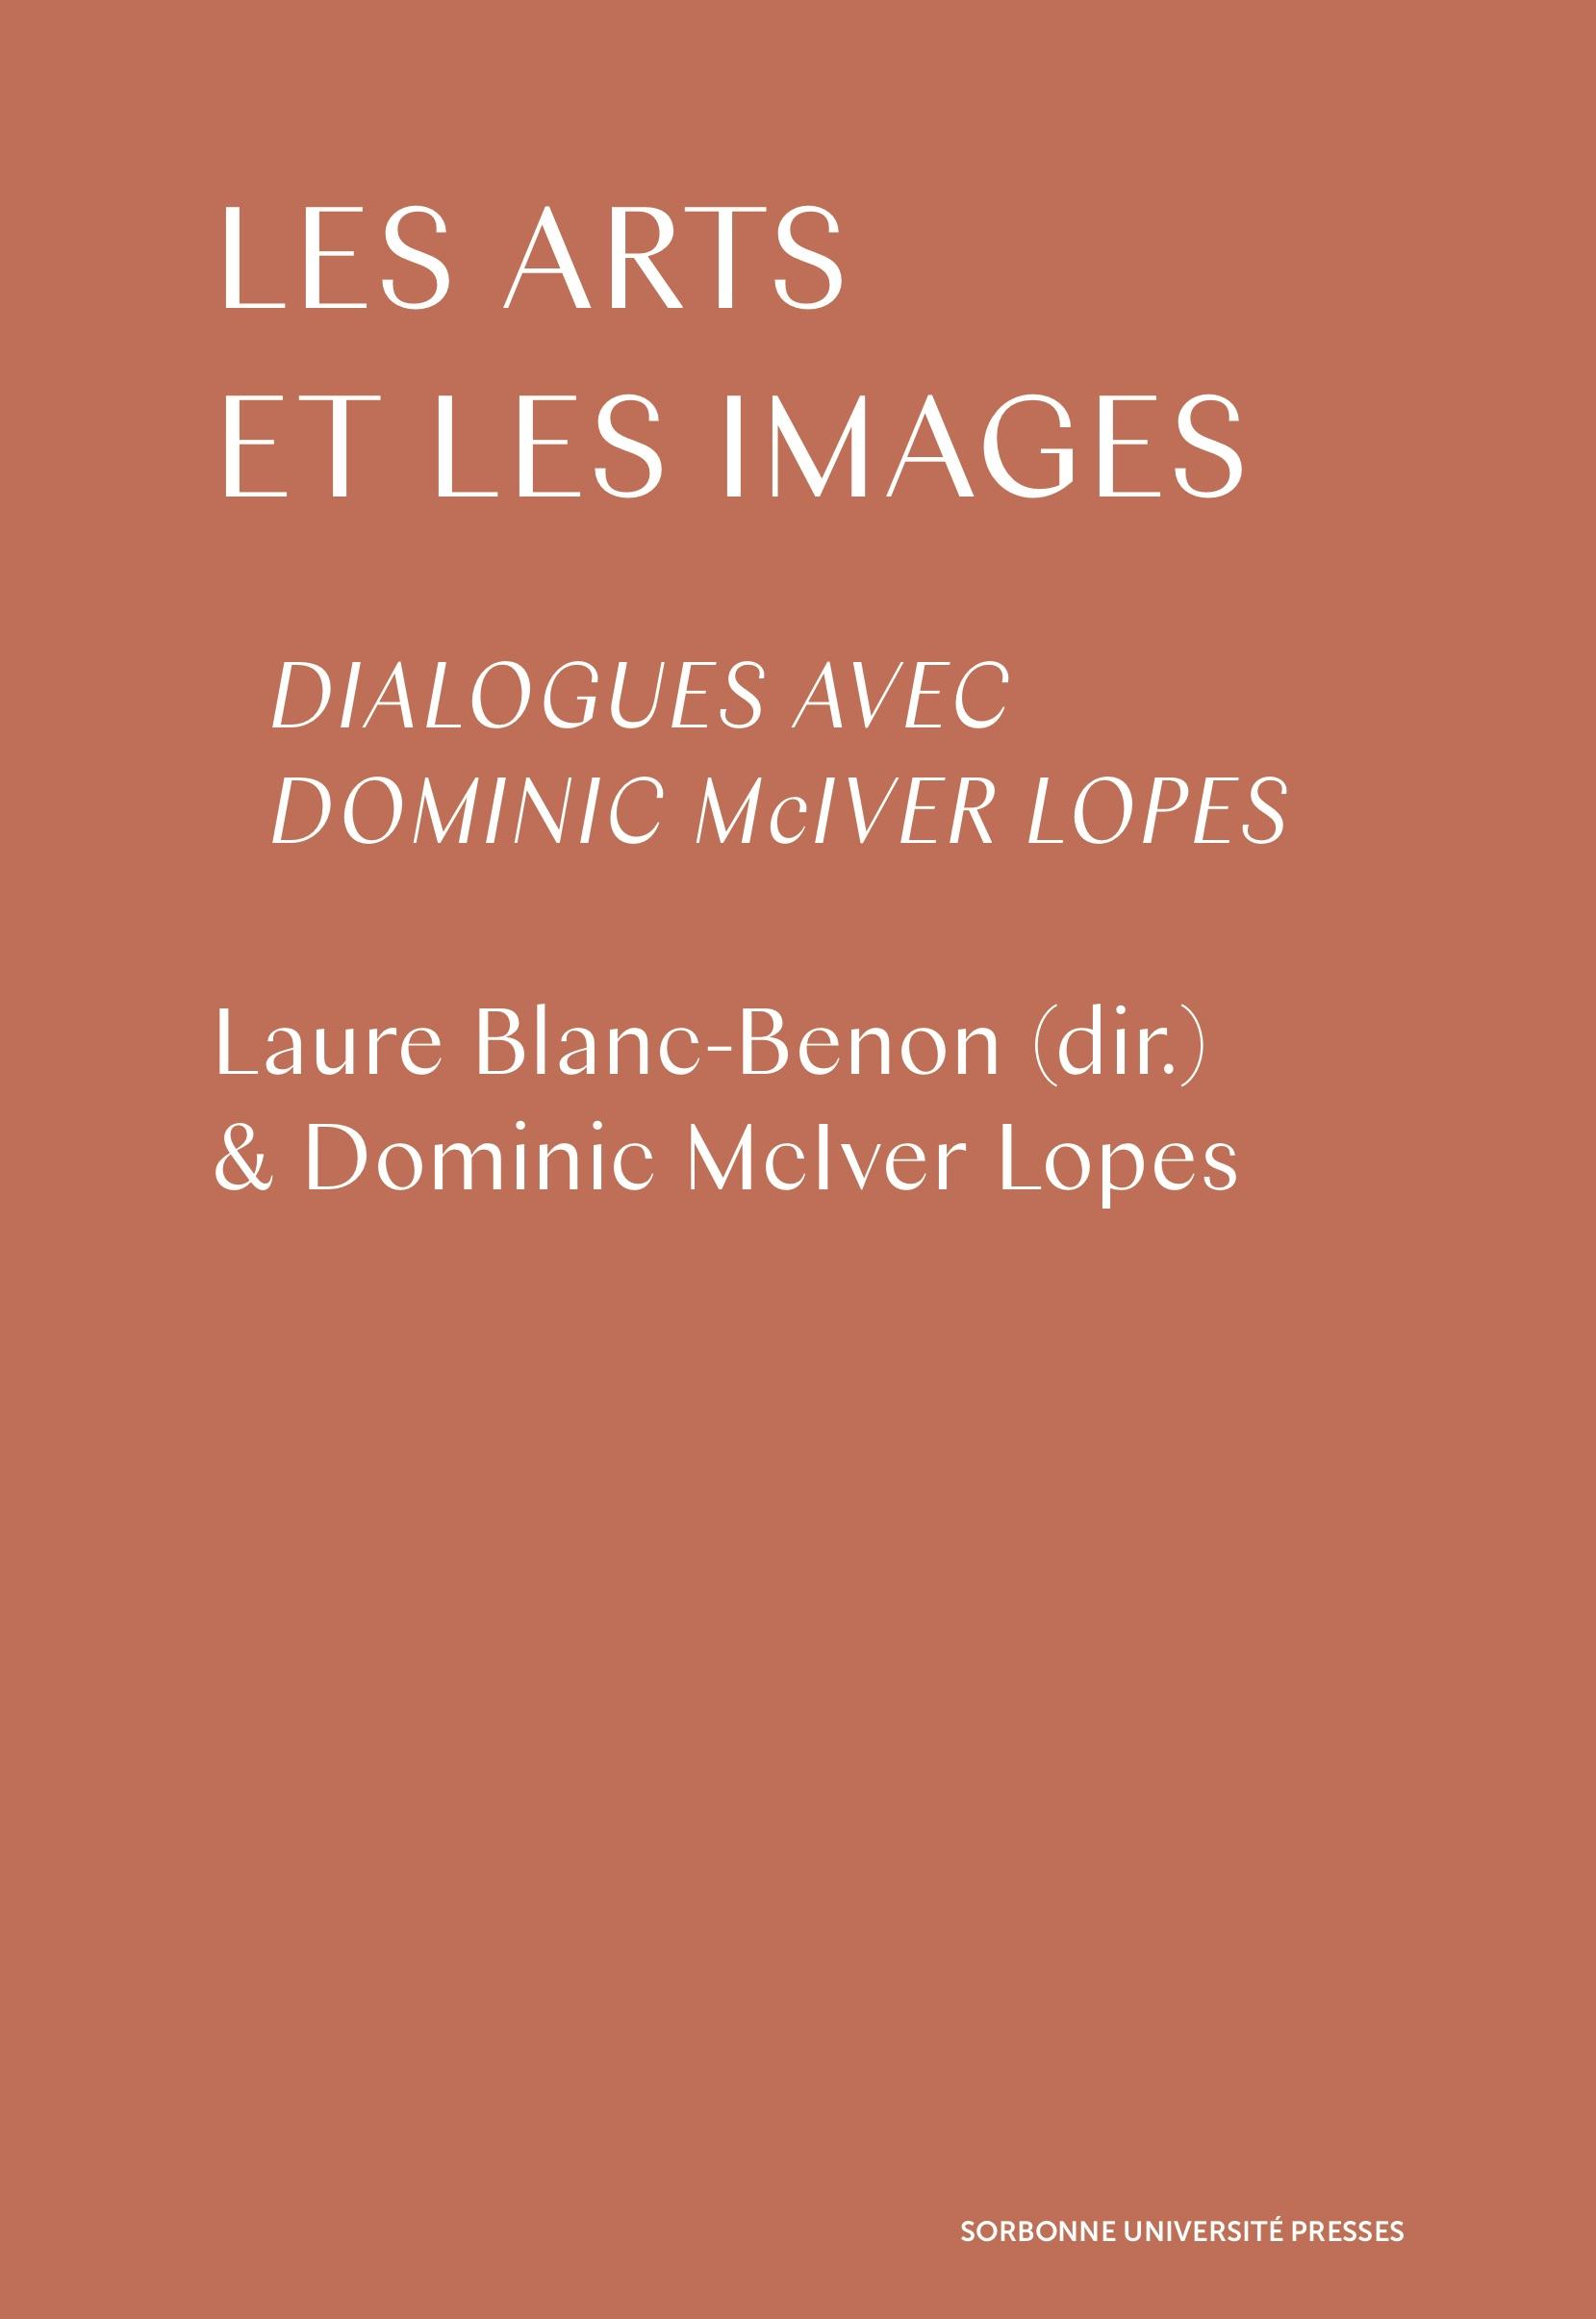 L. Blanc-Benon (dir.), Les Arts et les images. Dialogues avec Dominic McIver Lopes